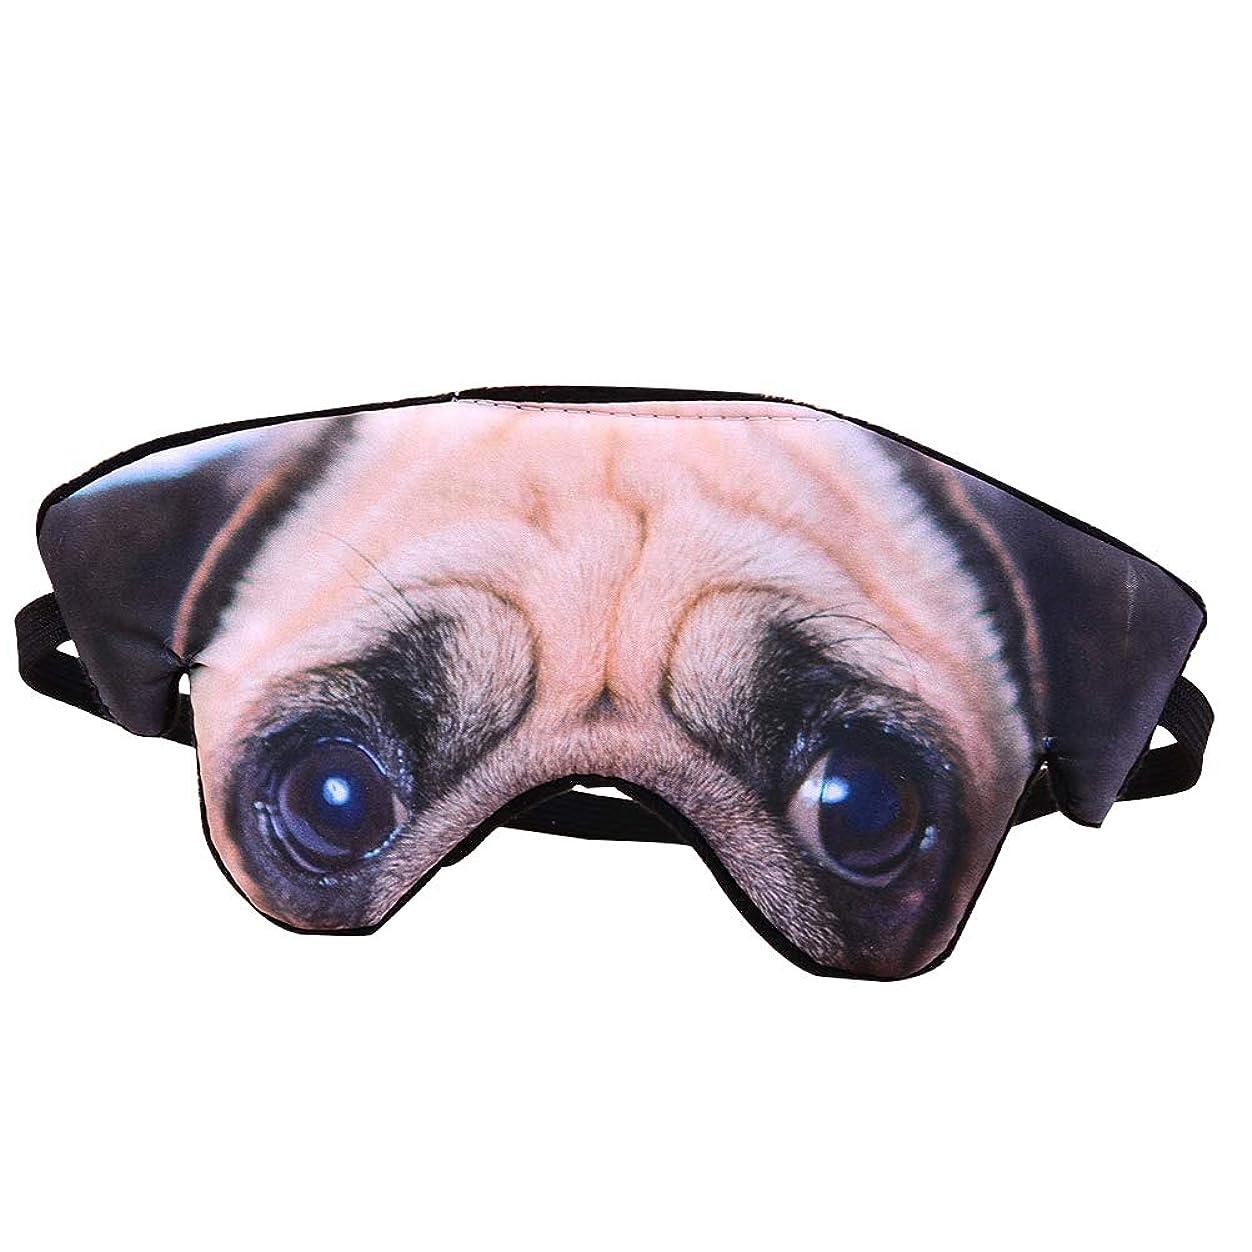 許容プレミア戻るHealifty 3Dアイマスクシェードナップカバー目隠しレストエイド疲労アイパッドスリープゴーグル(Pug)